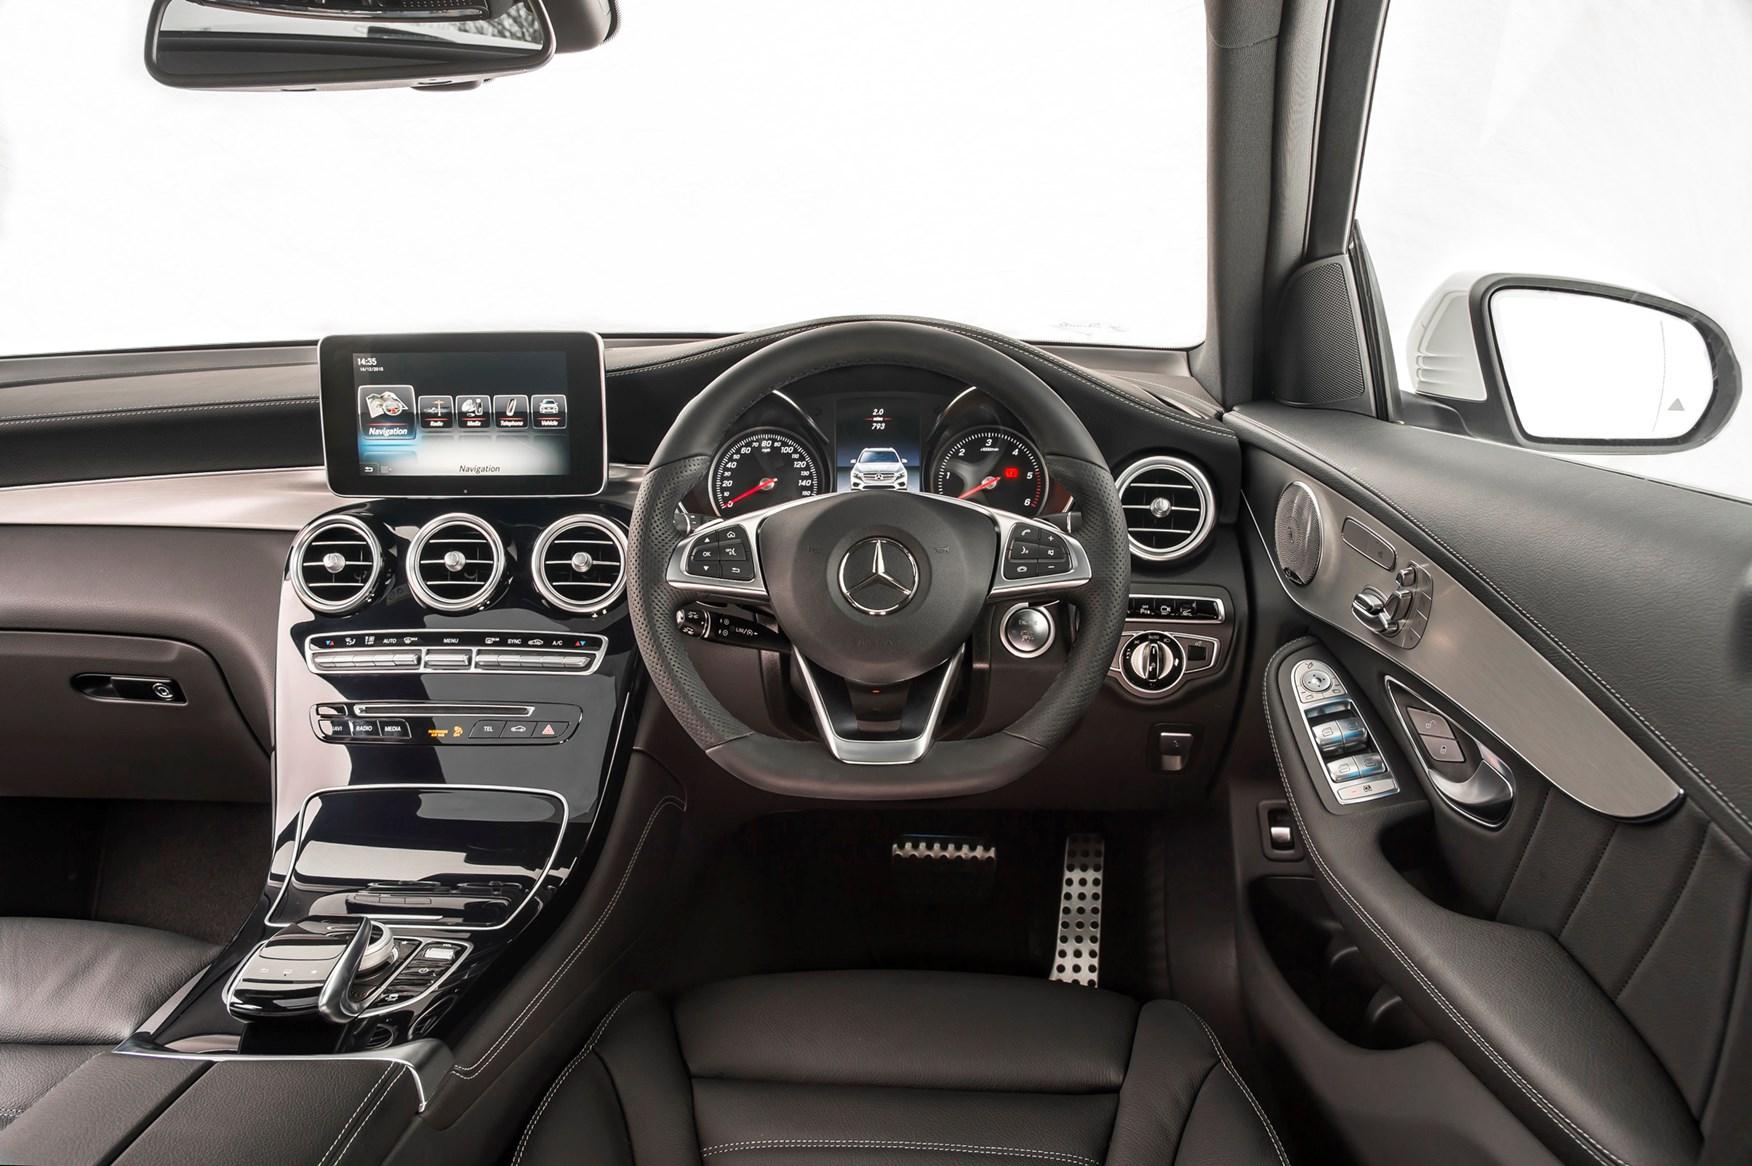 2016 Mercedes-Benz GLC SUV dashboard